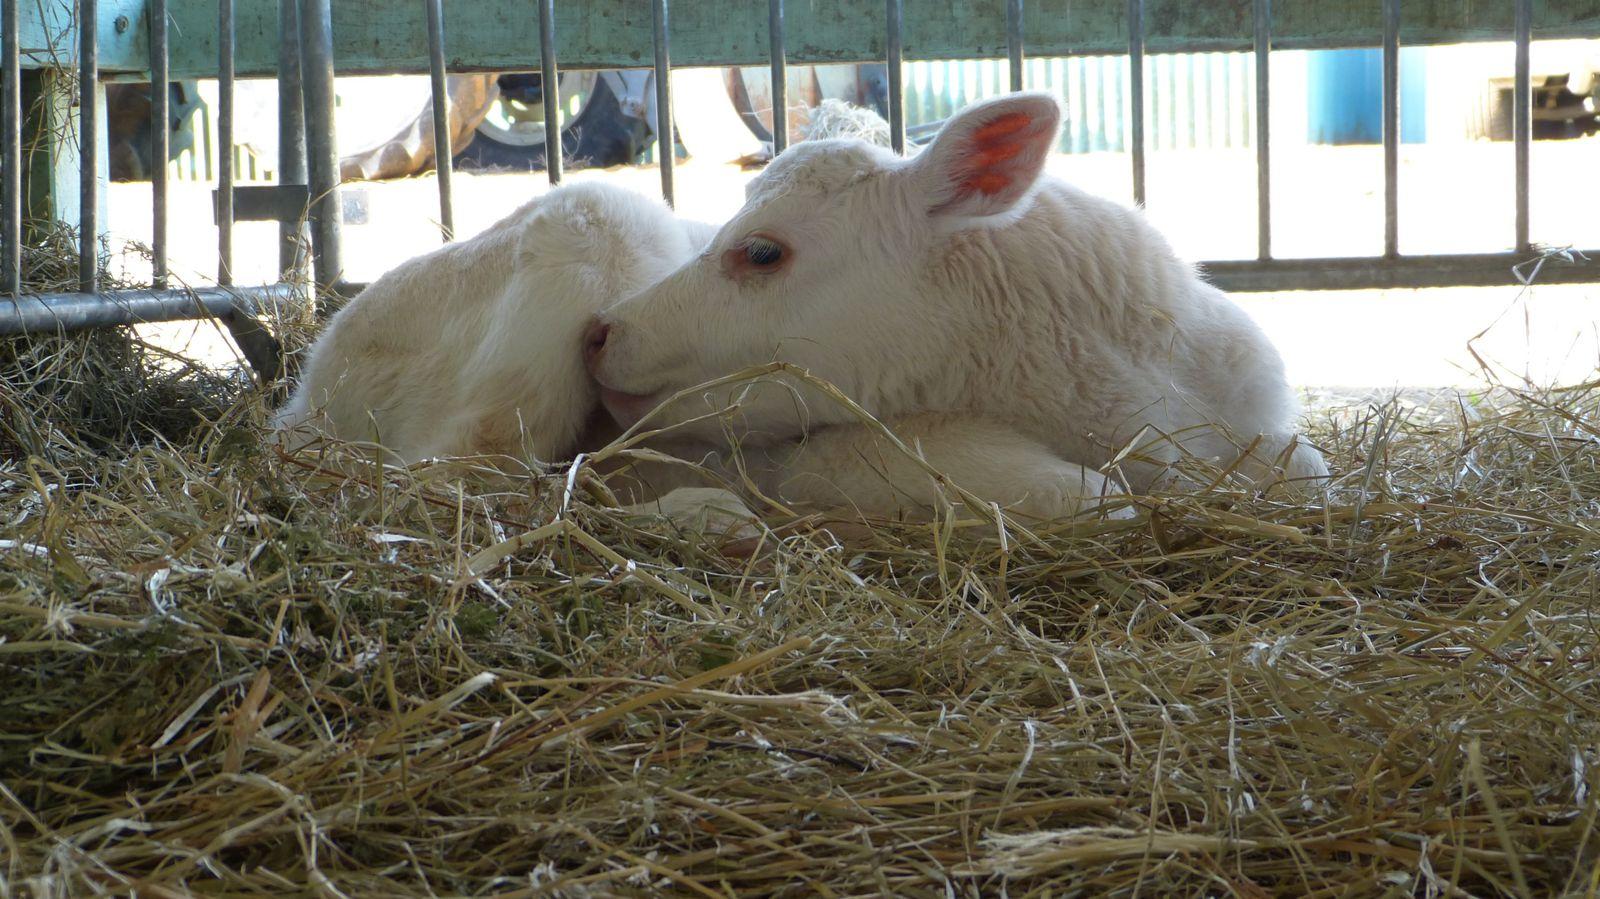 La vache brahmane primée, la tonte néozélandaise de moutons , le cheval damatien et les détails photographiés par faustine.